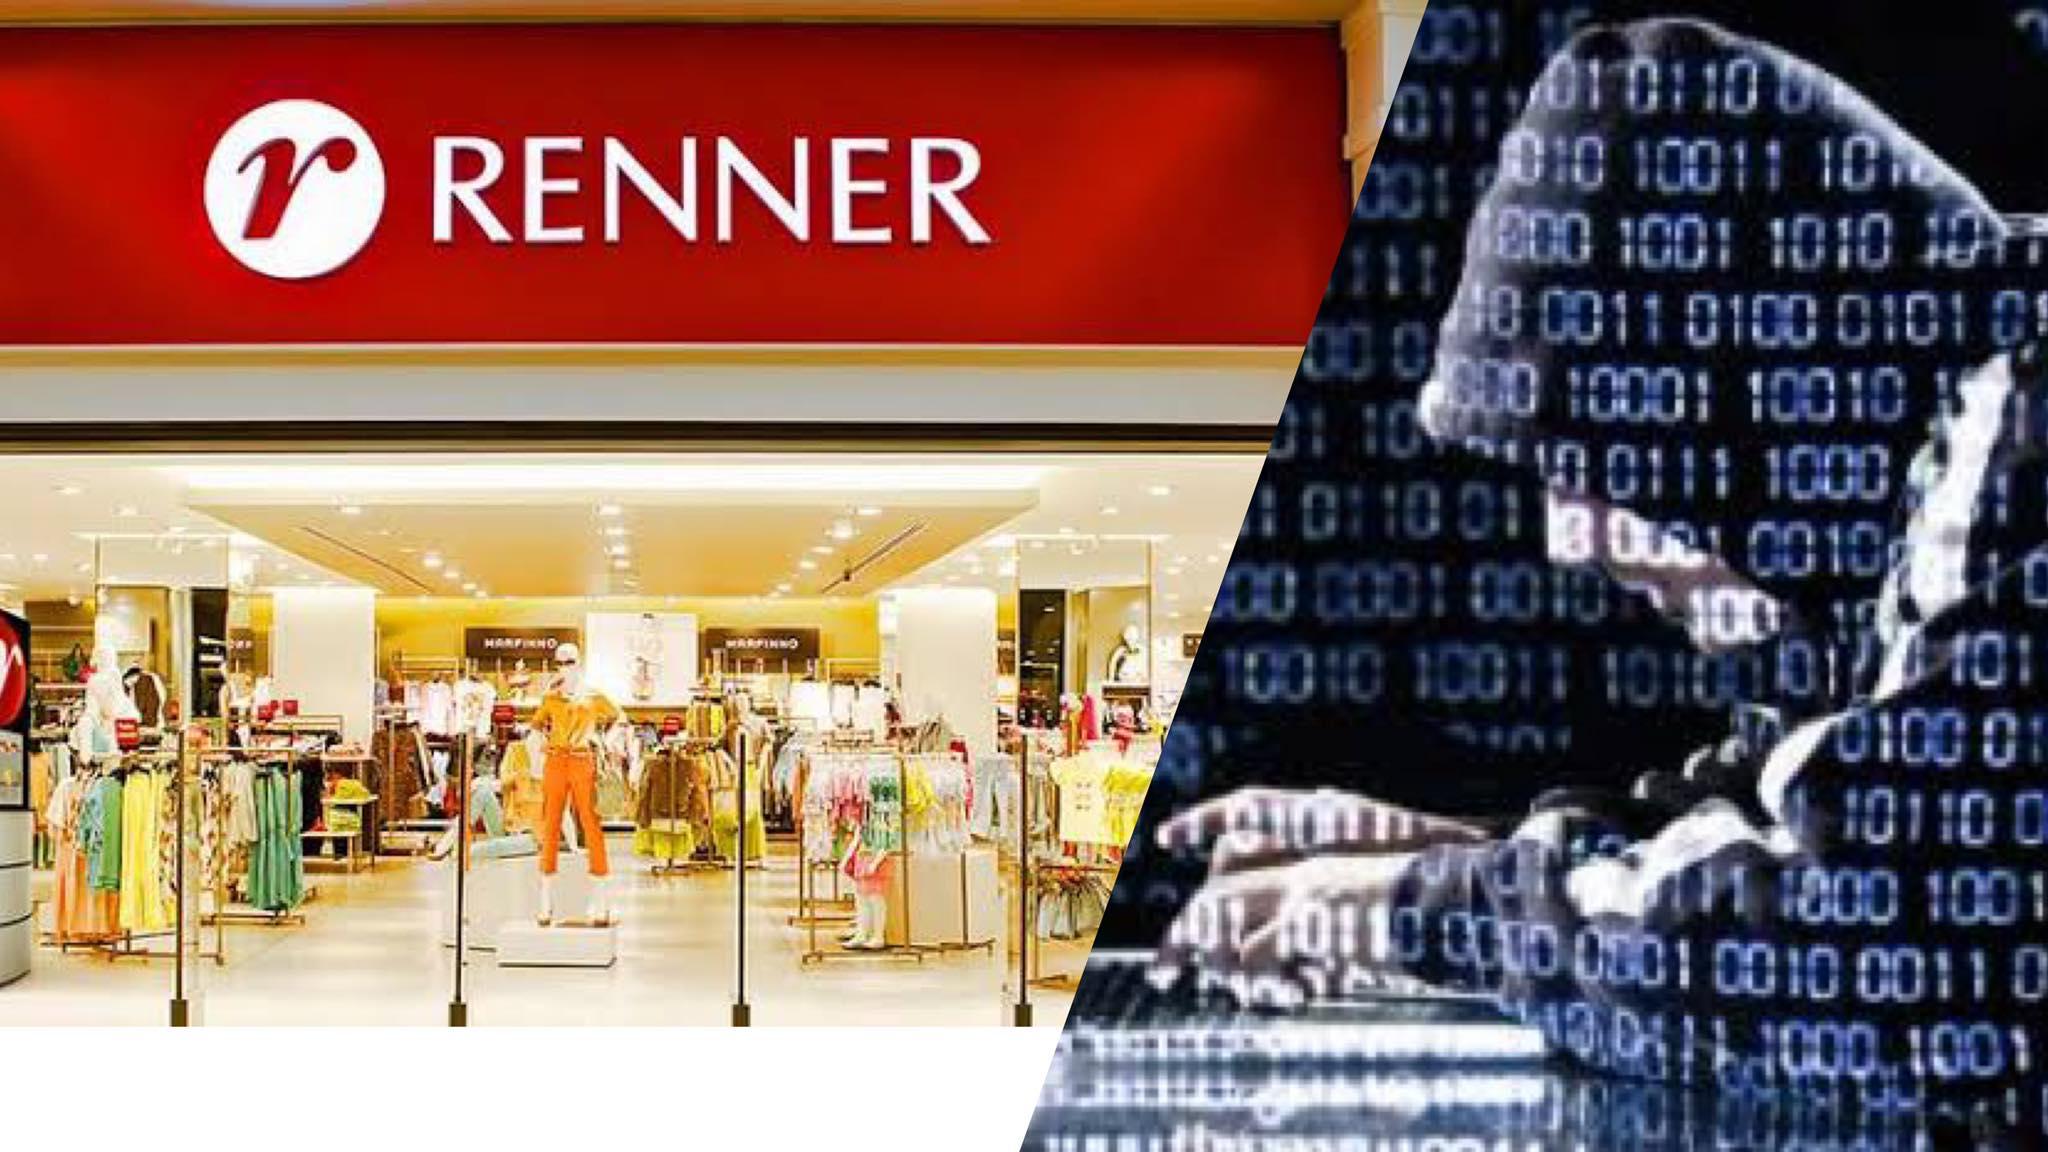 Lojas Renner tem site invadido e sai do ar. Fonte: Montagem/ Fashion Bubbles